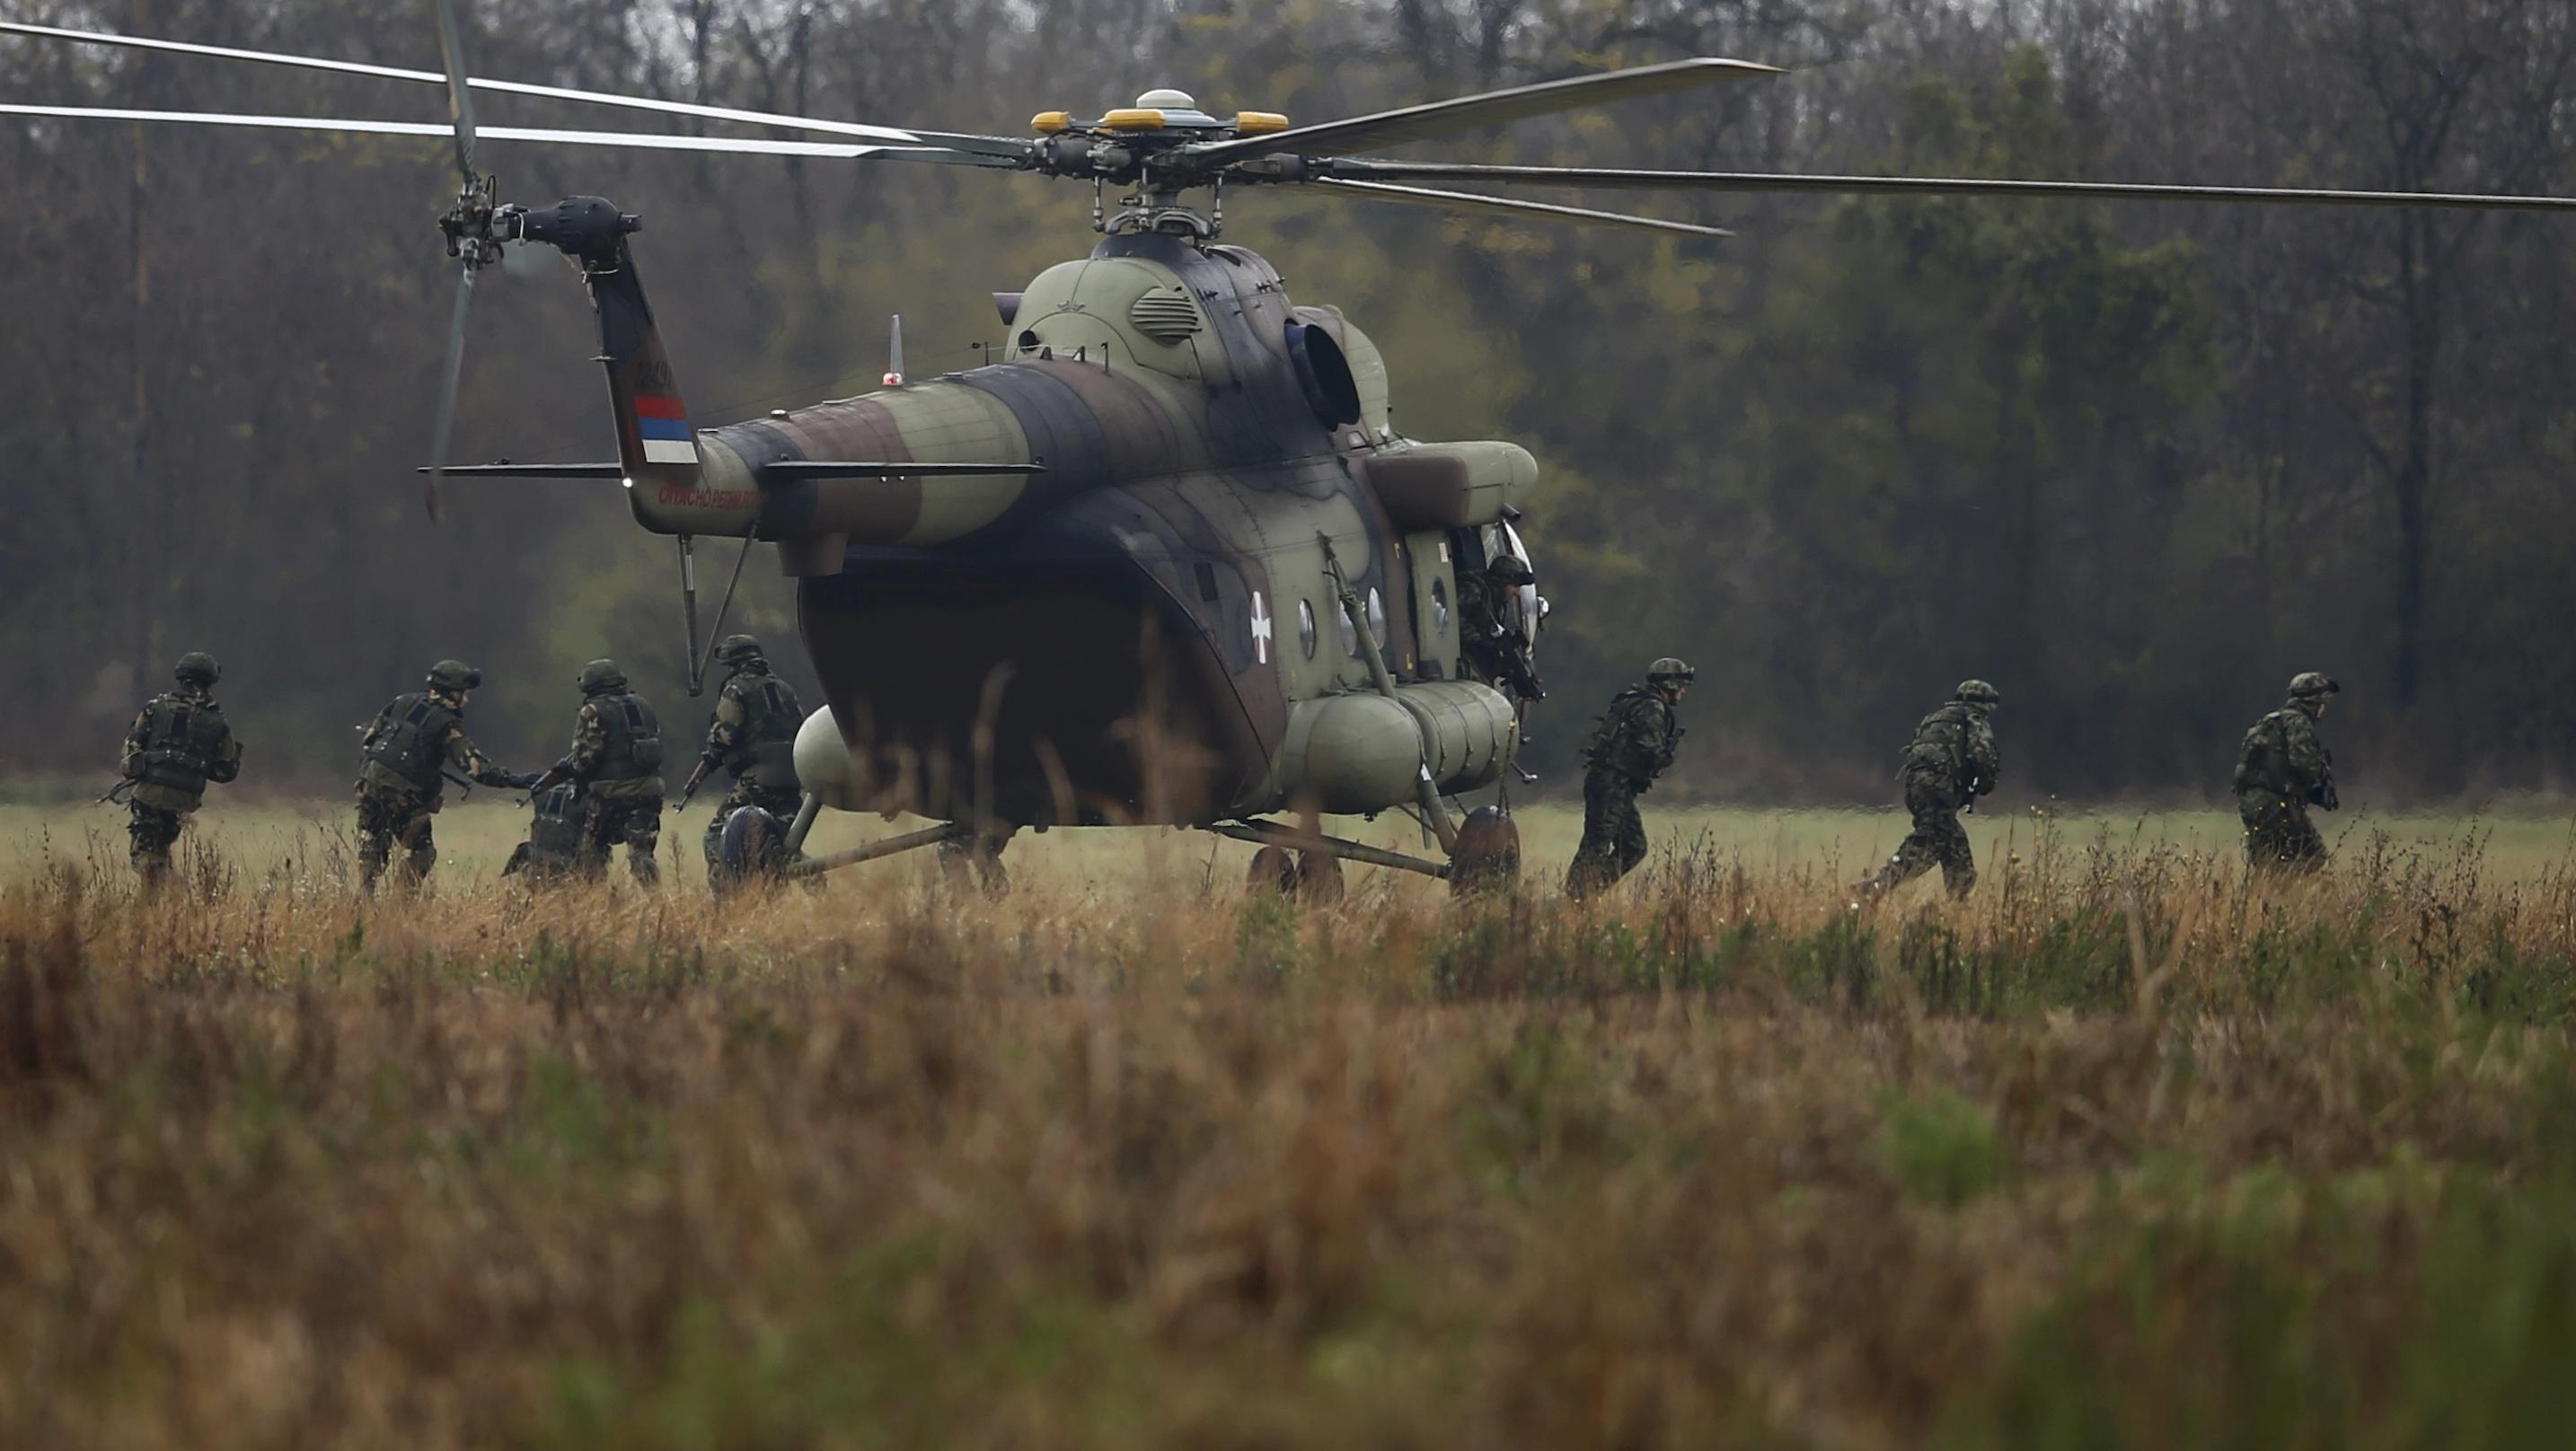 صورة الجيش السوري يعتمد تكتيكا روسيا .. ويقاتل تركيا بشكل غير مباشر